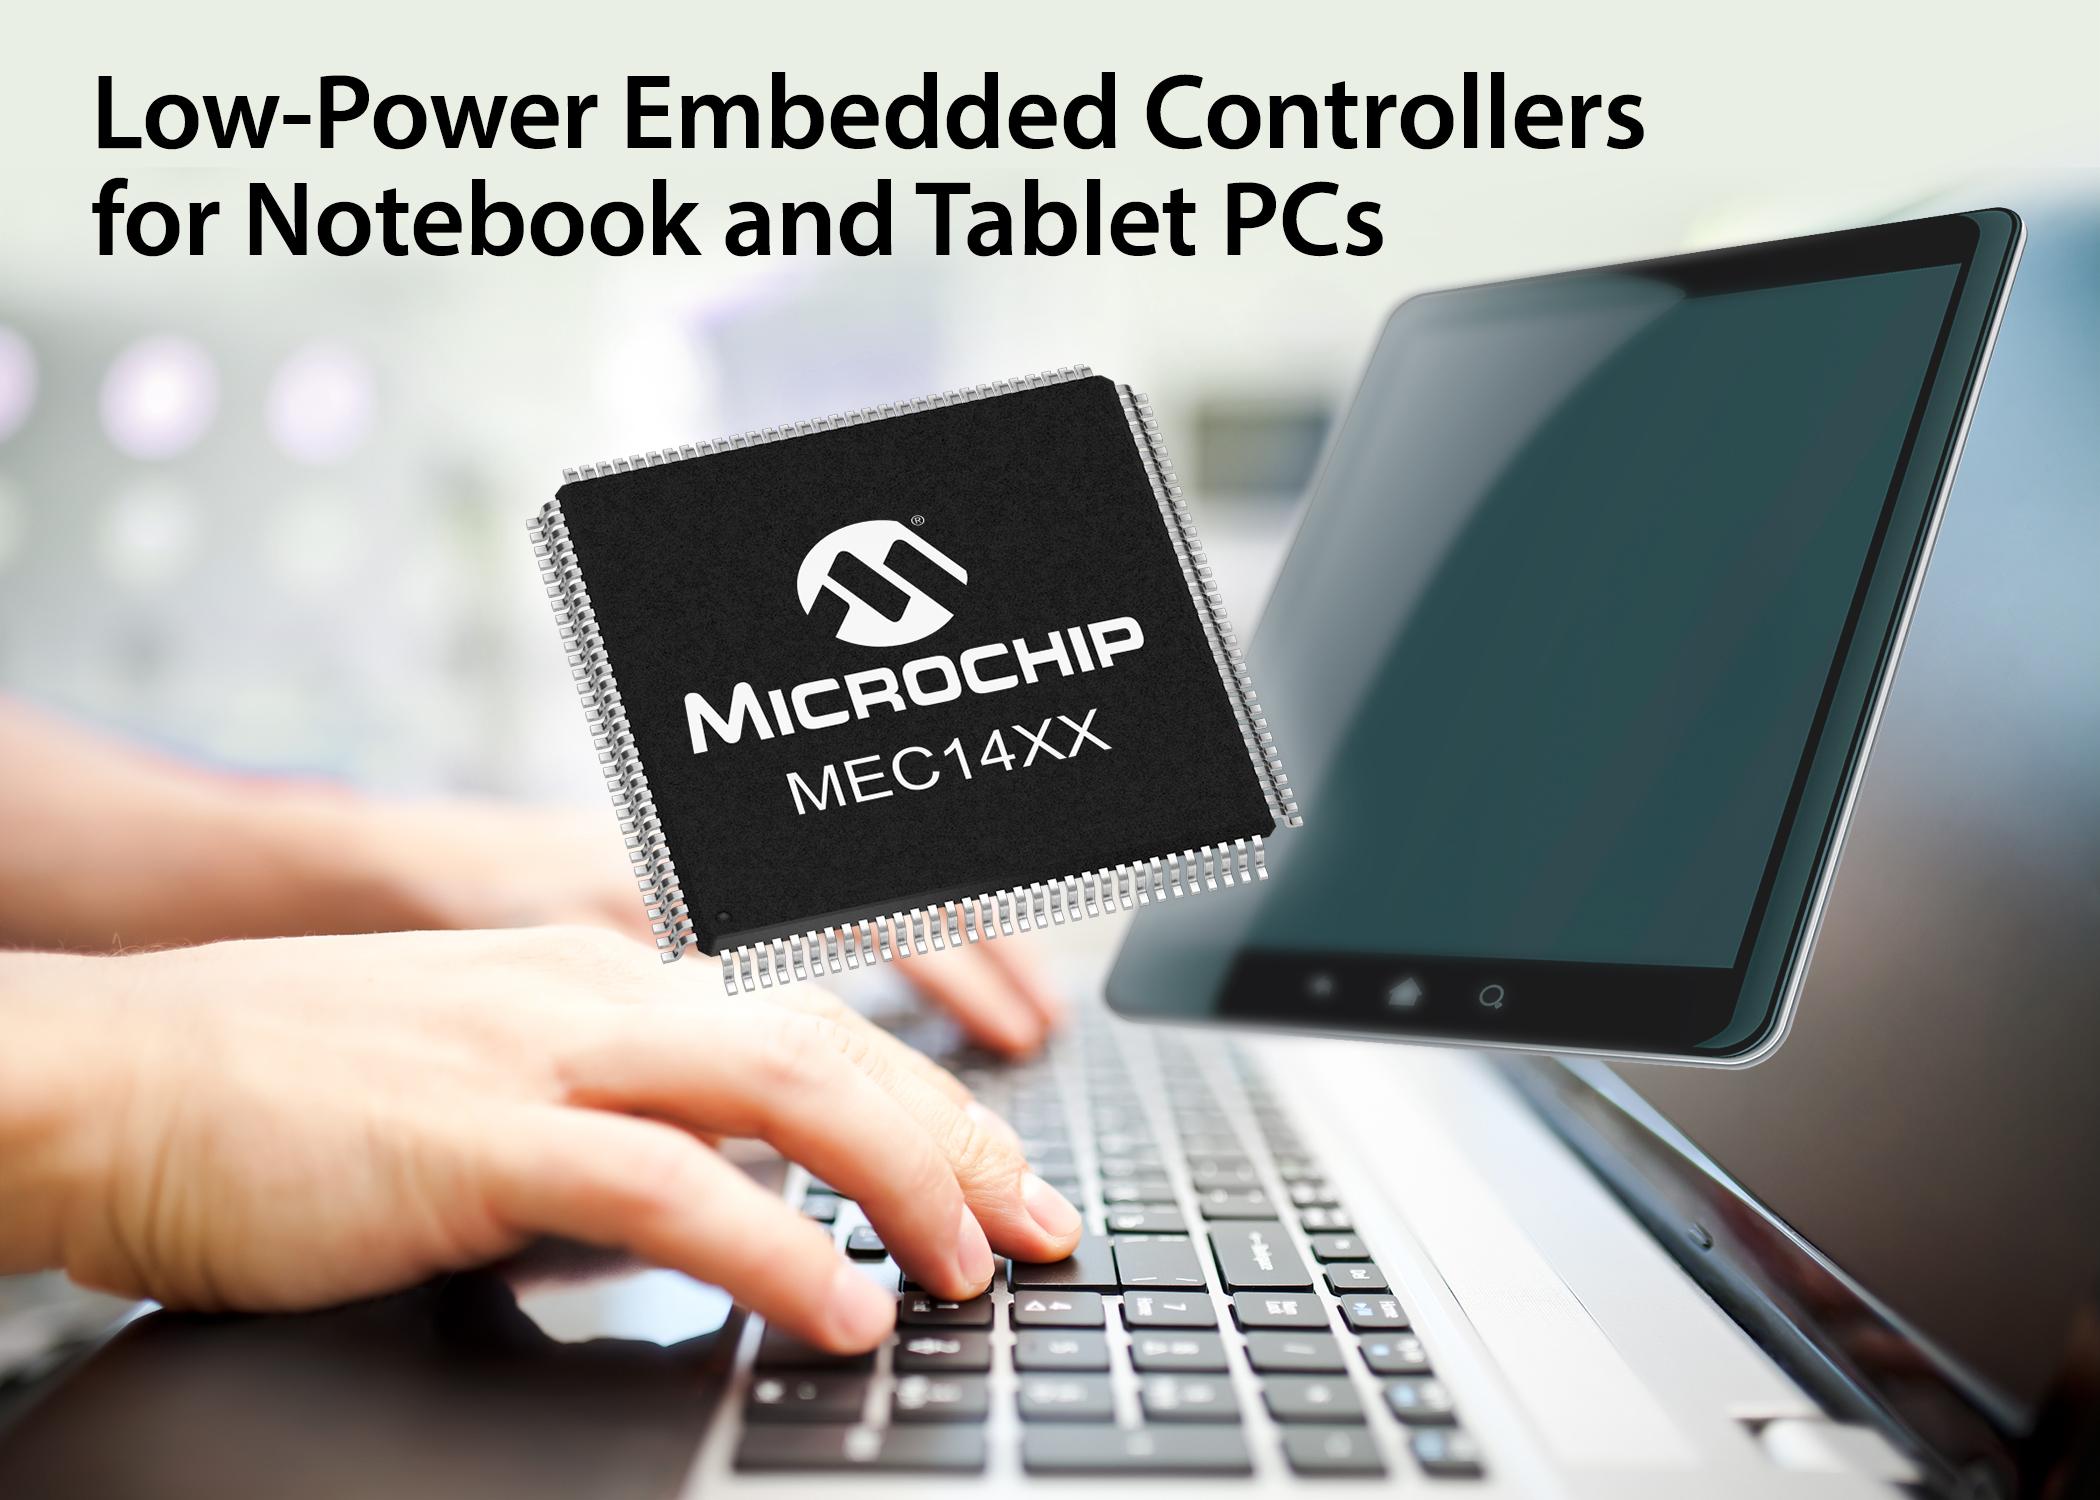 Microchip推出可配置低功耗嵌入式控制器系列